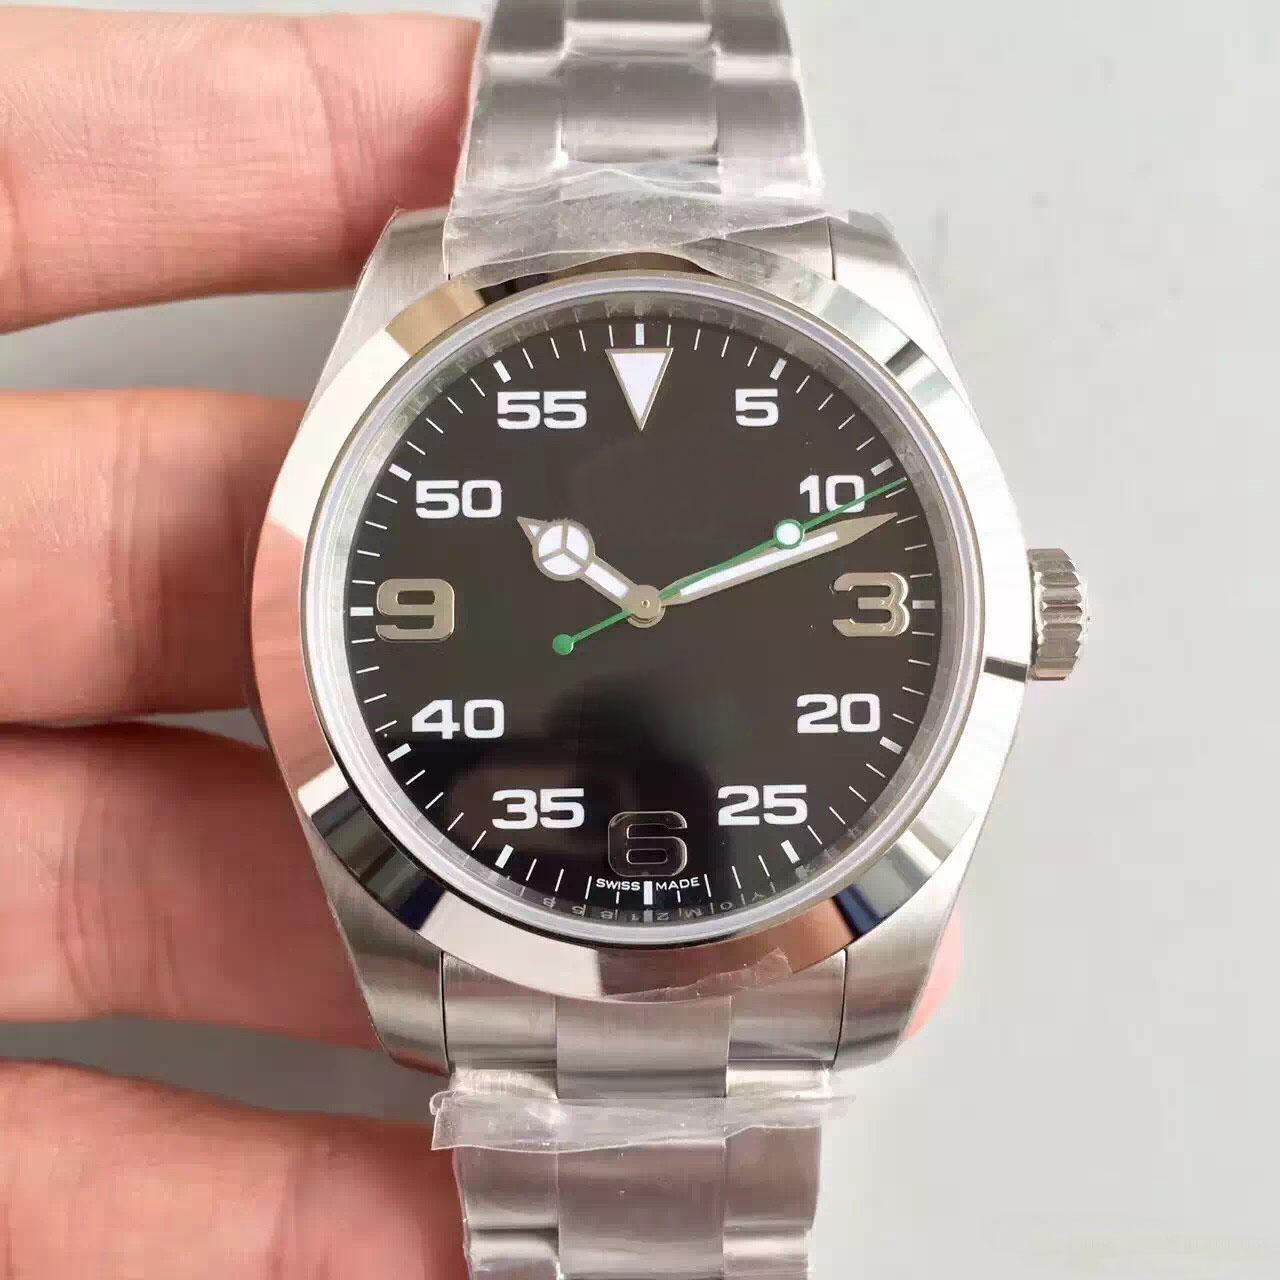 Montre AIR-KING série 40MM miroir saphir 116900 style mouvement mécanique automatique haute qualité bracelet en acier inoxydable 316L